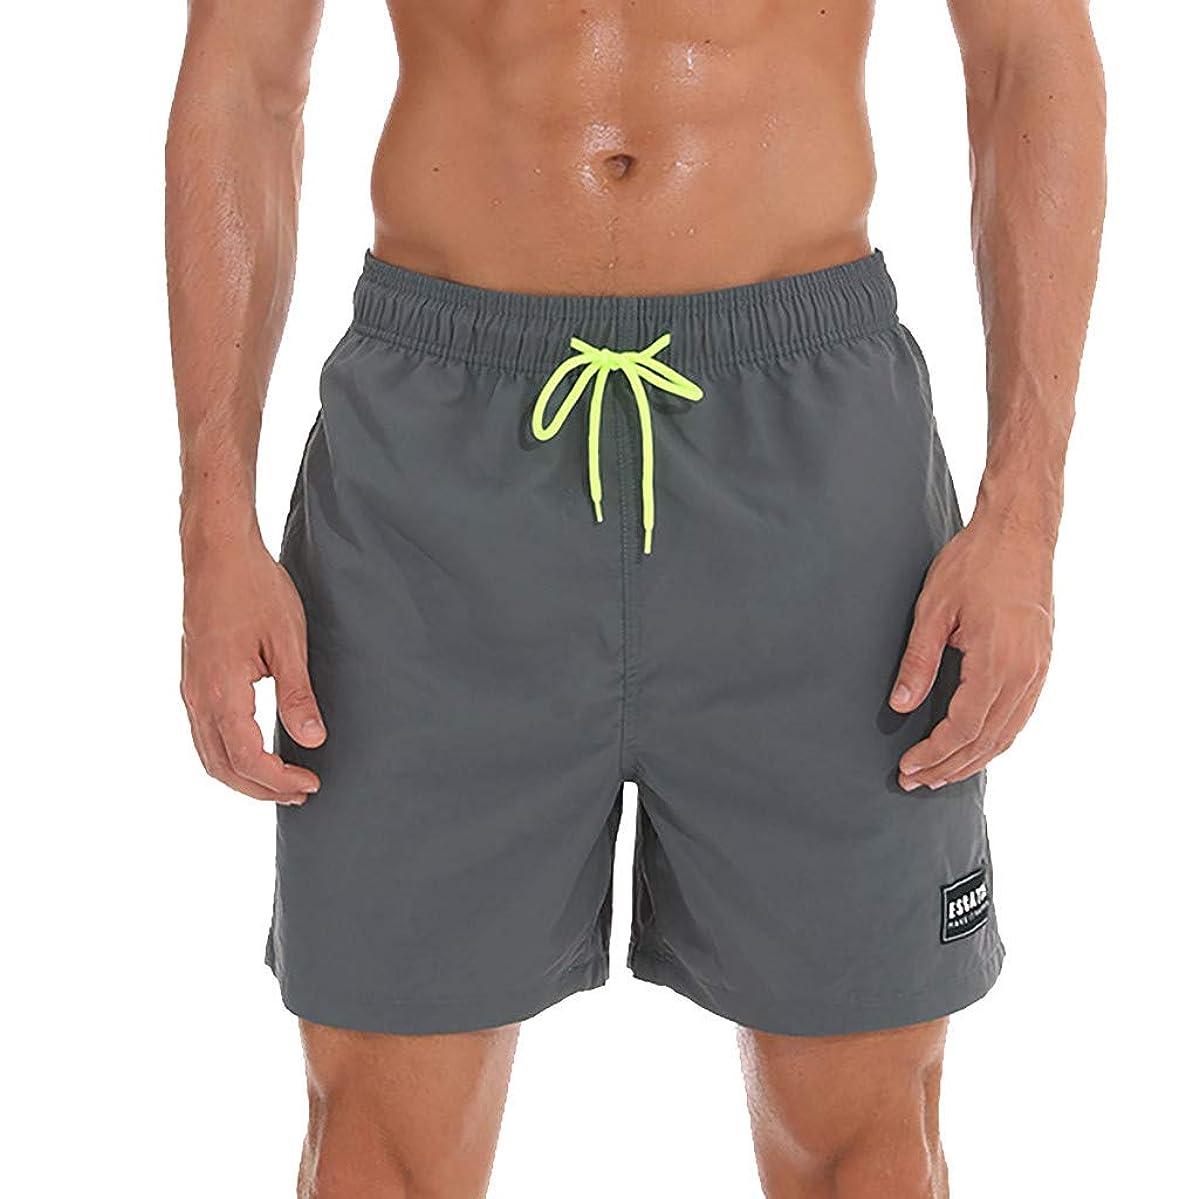 CHAELAKES Beach Shorts for Men, Men's Summer Quick Dry Beachwear Print Swim Pants with Mesh Liner Surfing Running Shorts